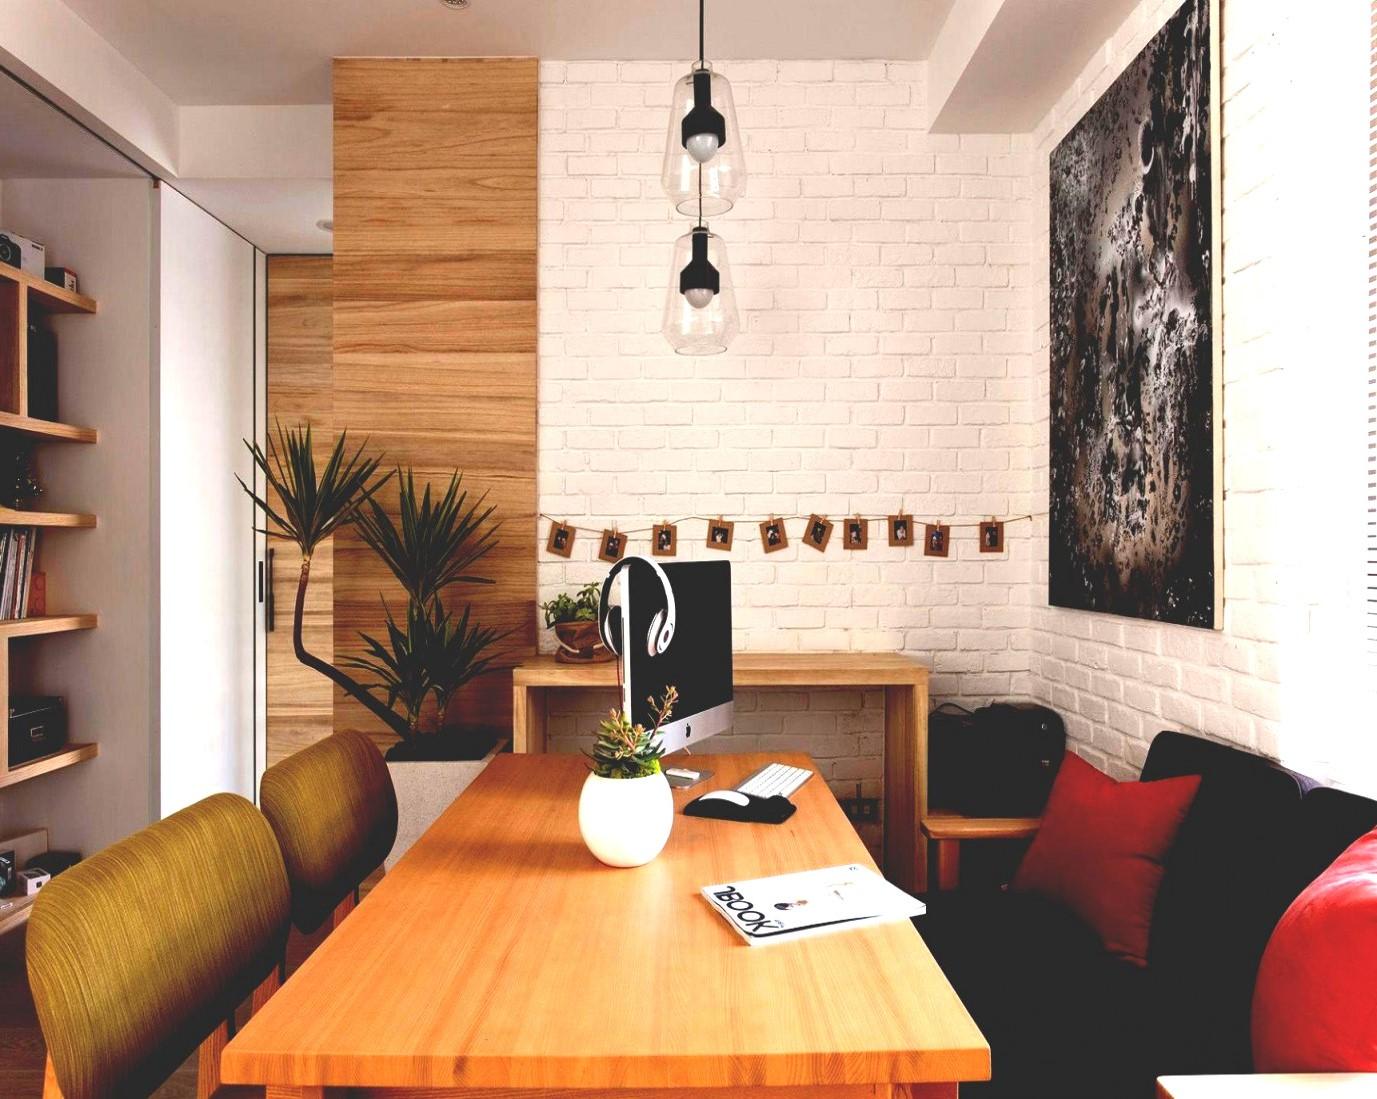 Vous disposerez ainsi d'un espace organisé, élégant et fonctionnel, qu'il soit utilisé ou non.